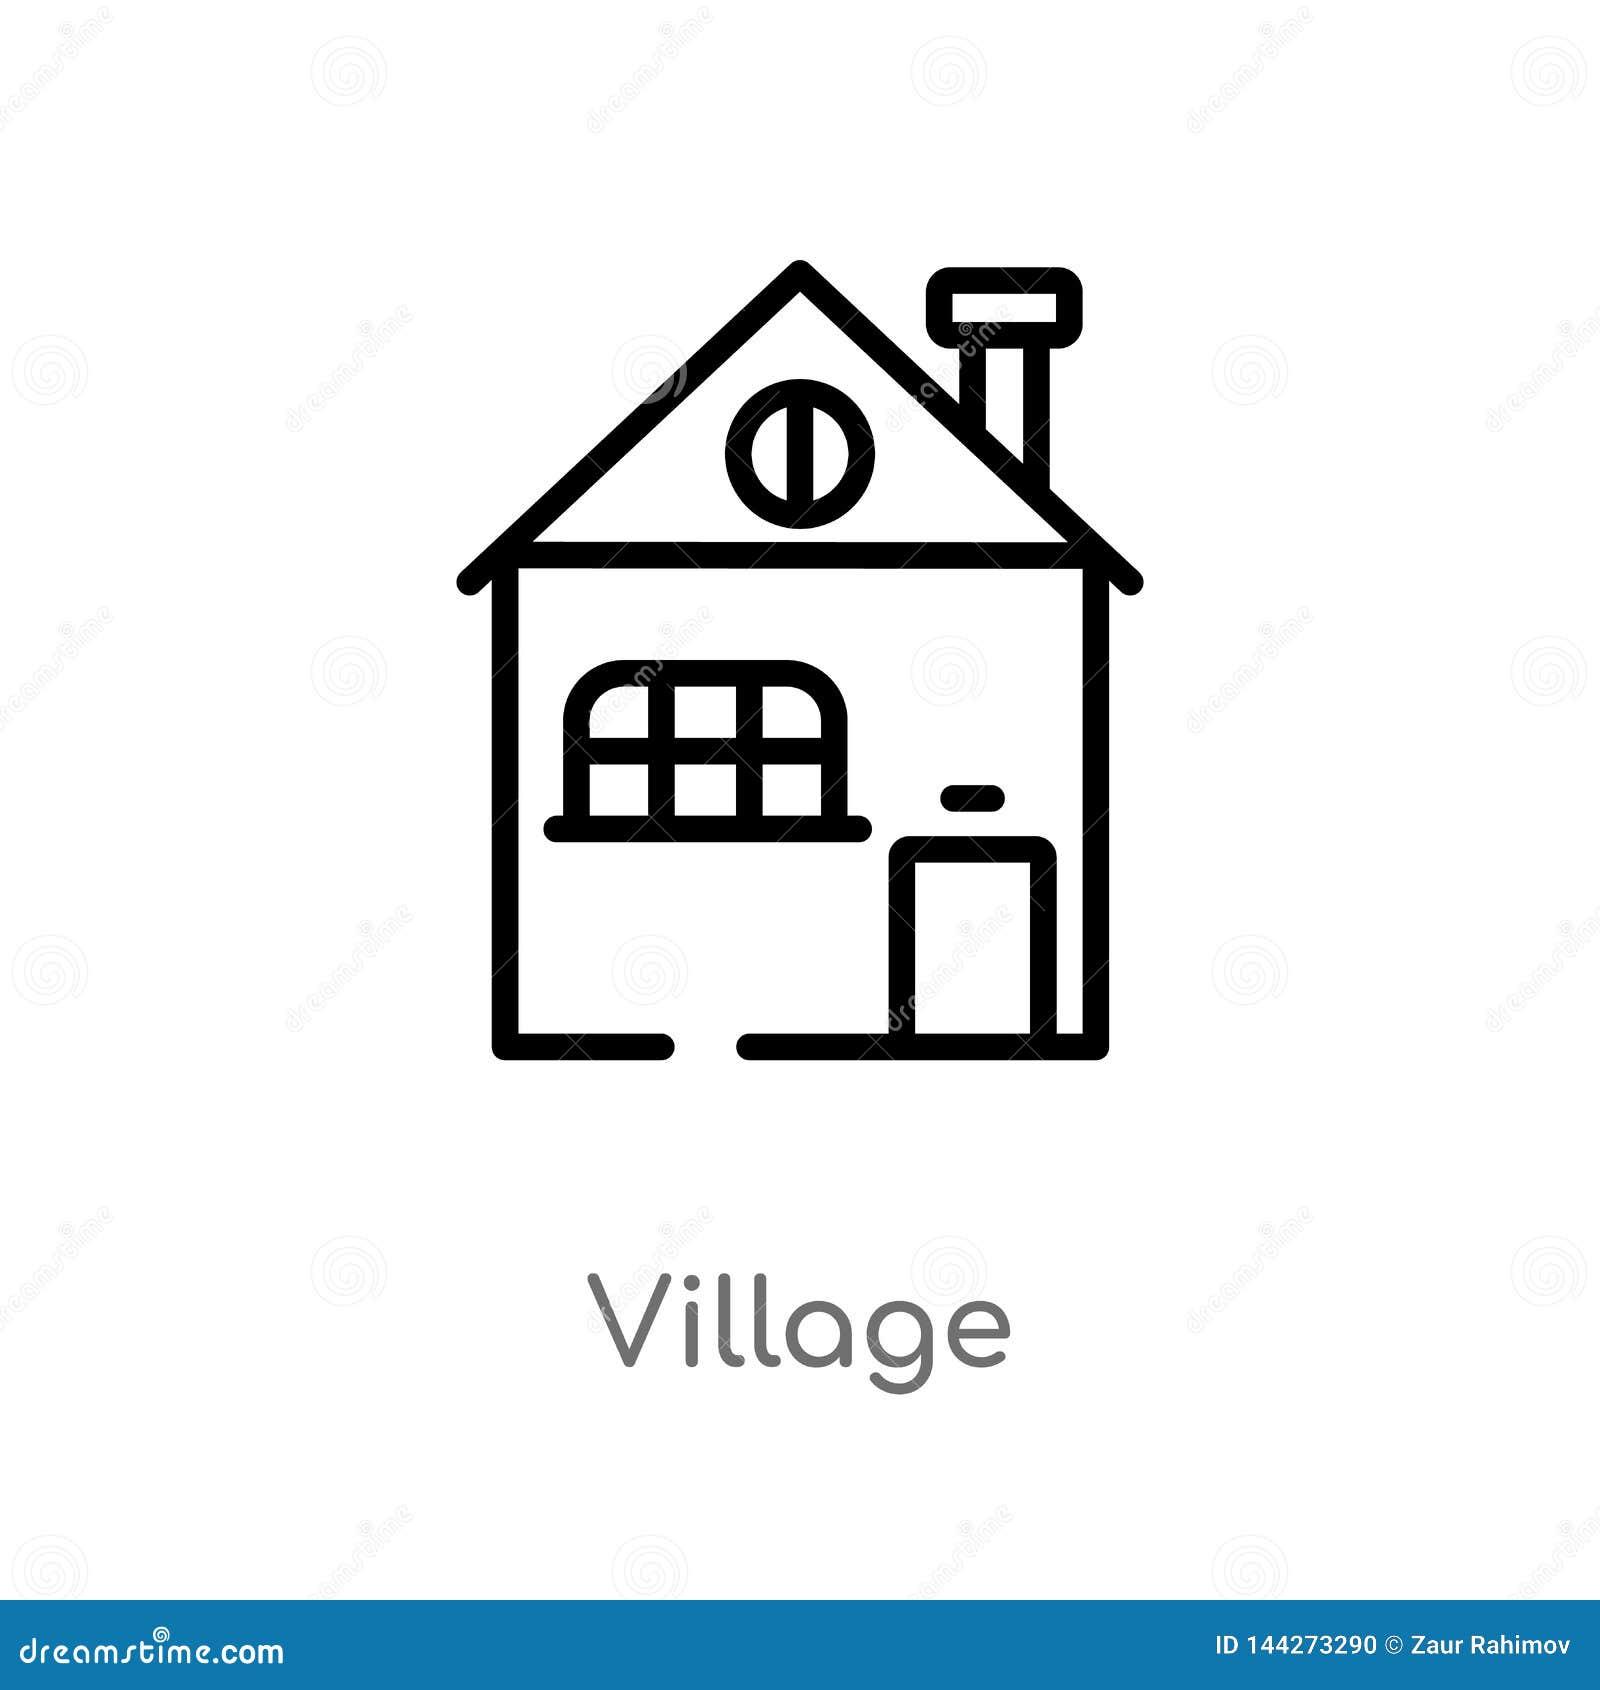 Kontur wioski wektoru ikona odosobniona czarna prosta kreskowego elementu ilustracja od budynku pojęcia Editable wektorowy uderze